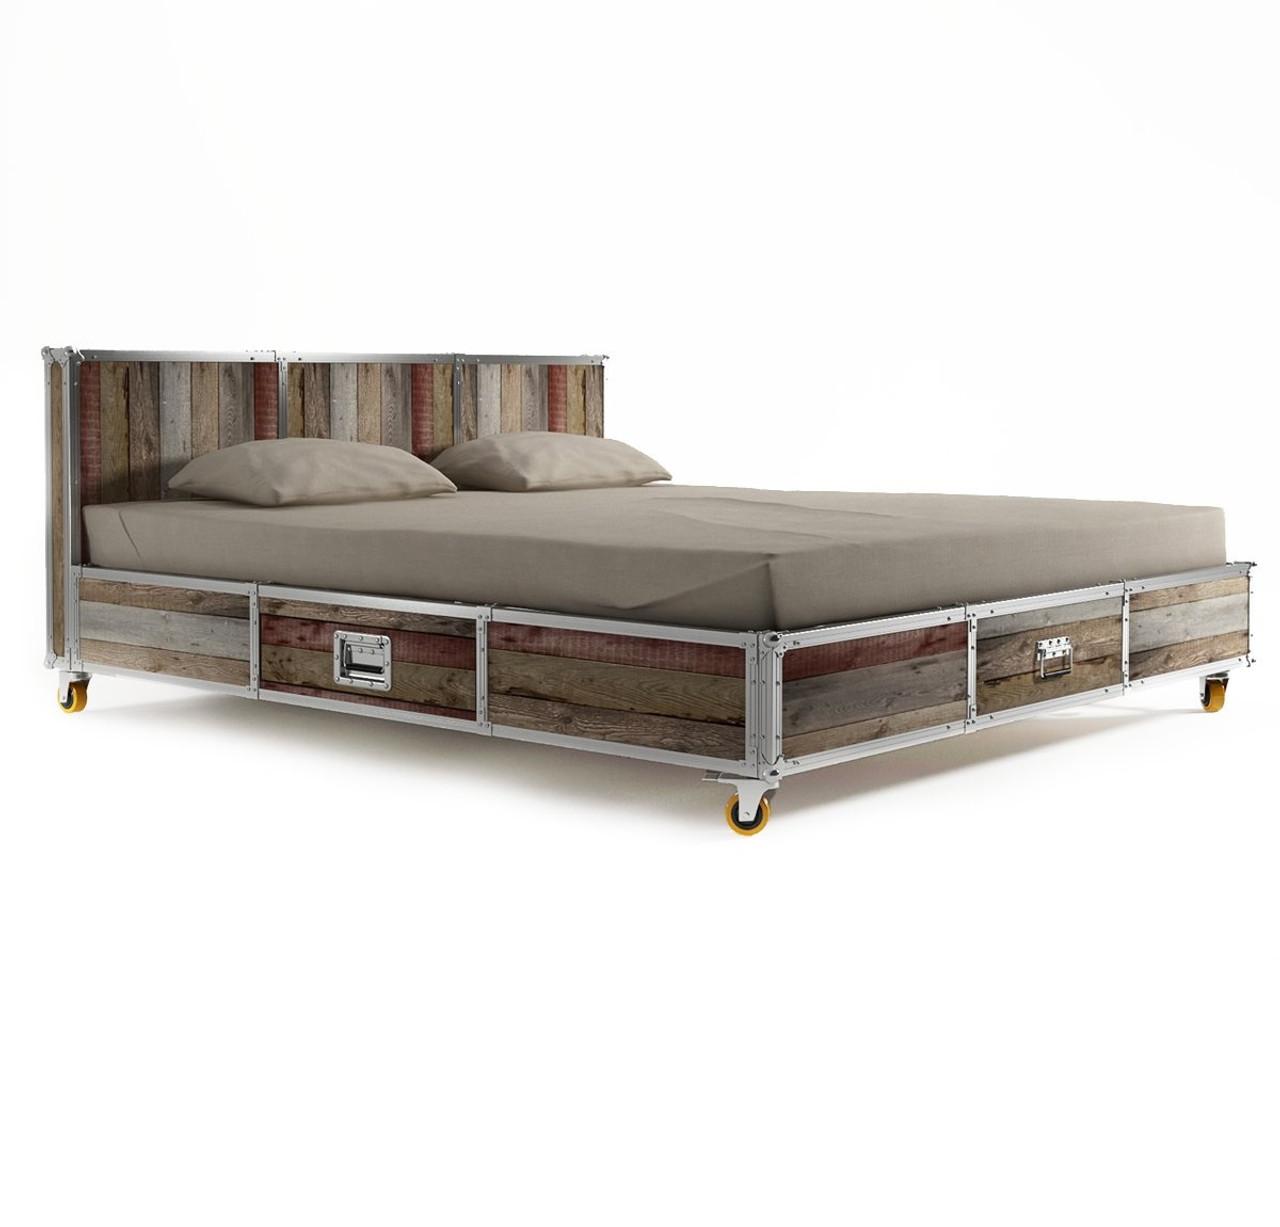 King Size Platform Bed Frame with Storage